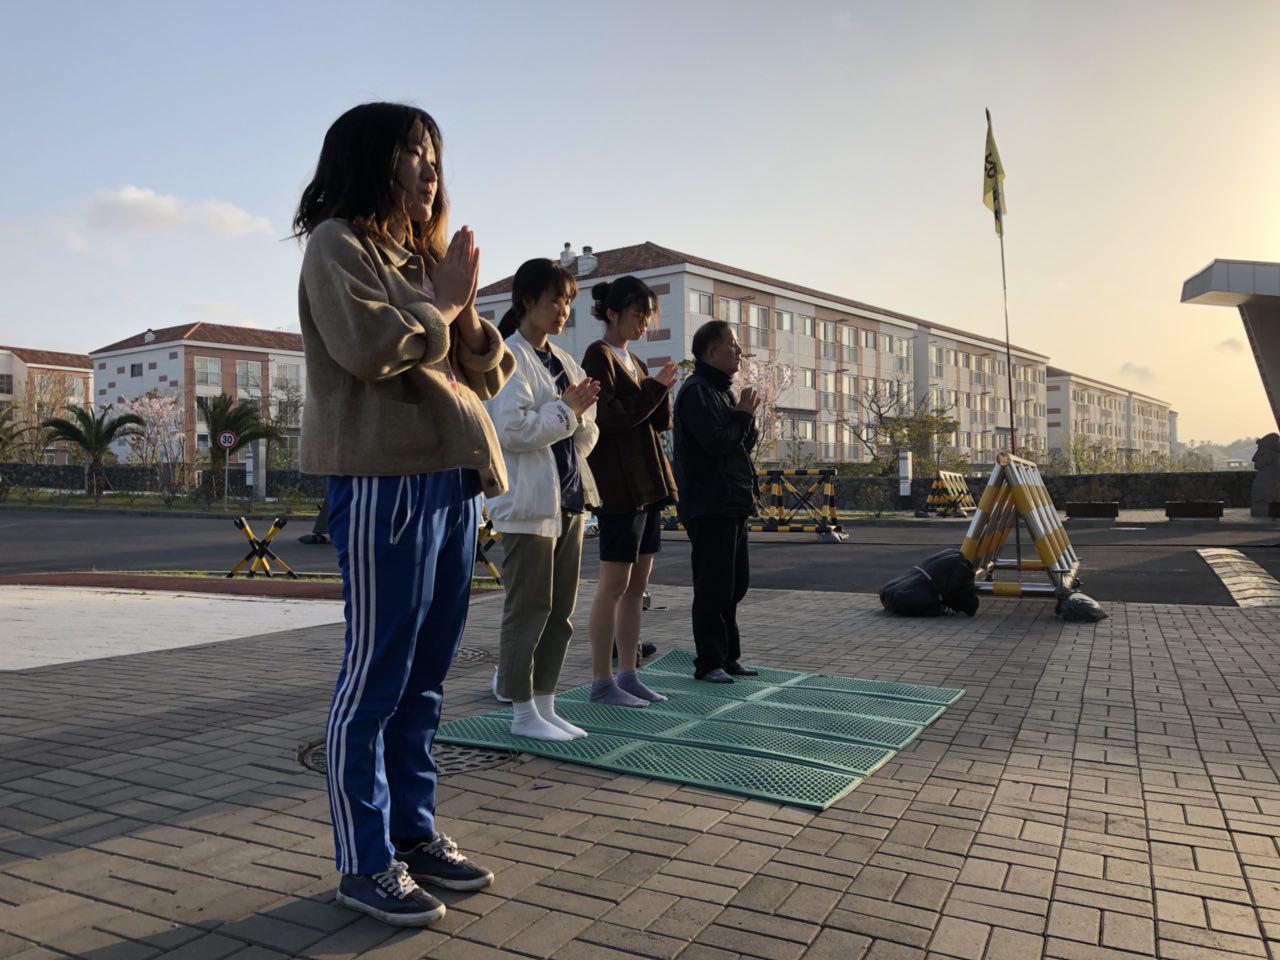 제주 강정마을에서는 매일 아침, 생명평화의 100배를 올린다. 너머의 회원들도 100배에 참여하였다.